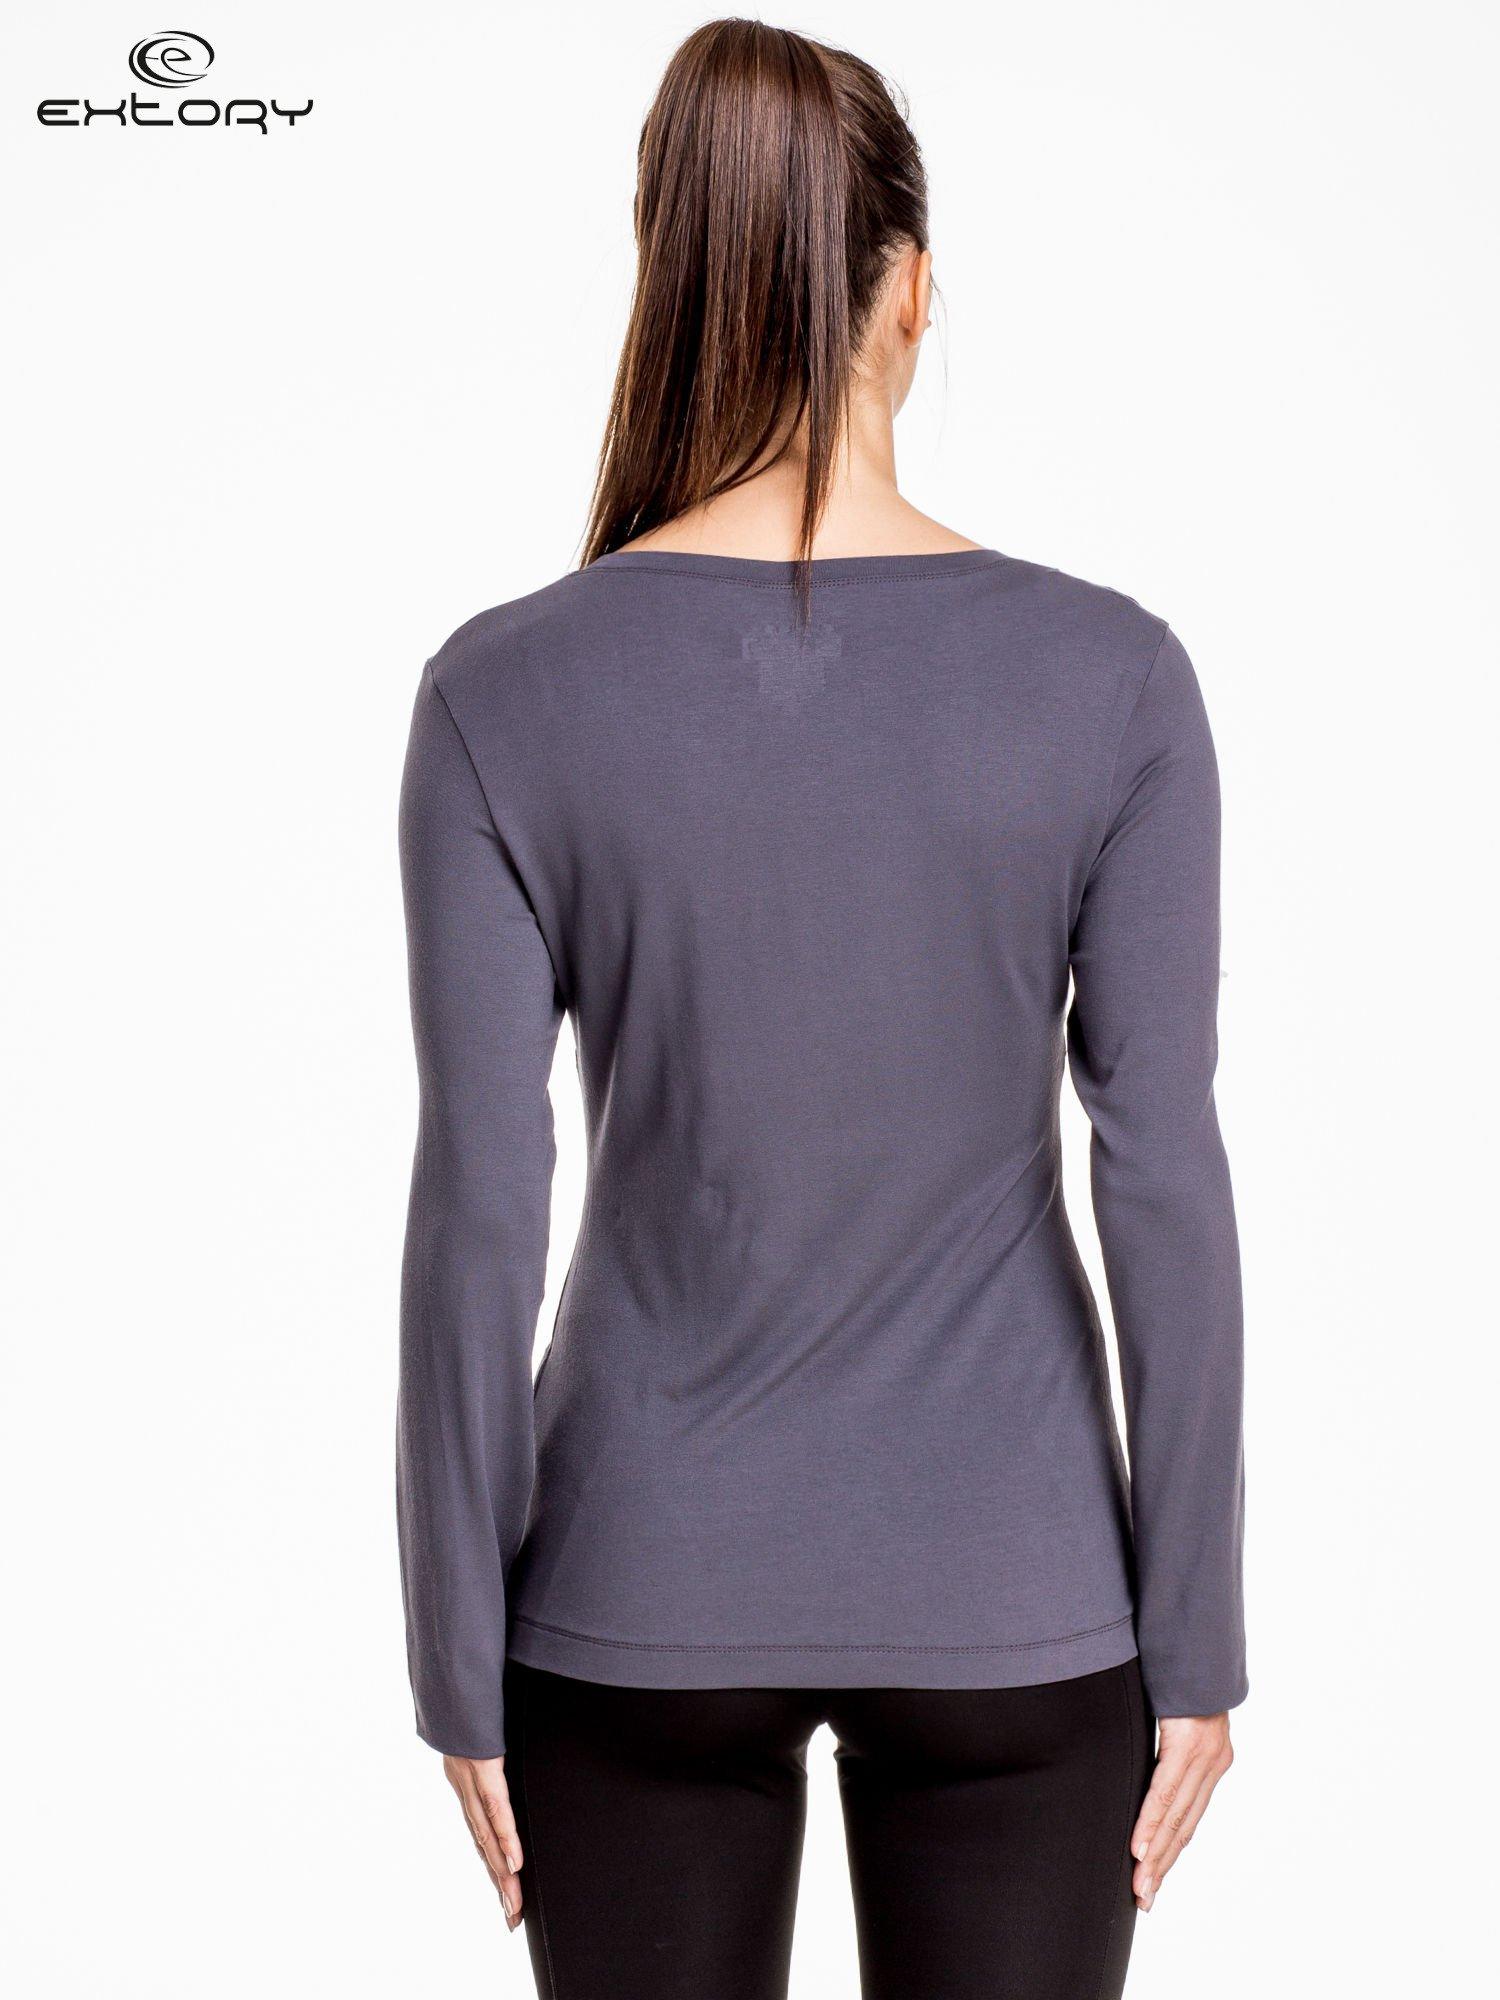 Ciemnoszara bluzka sportowa z dekoltem U                                  zdj.                                  4